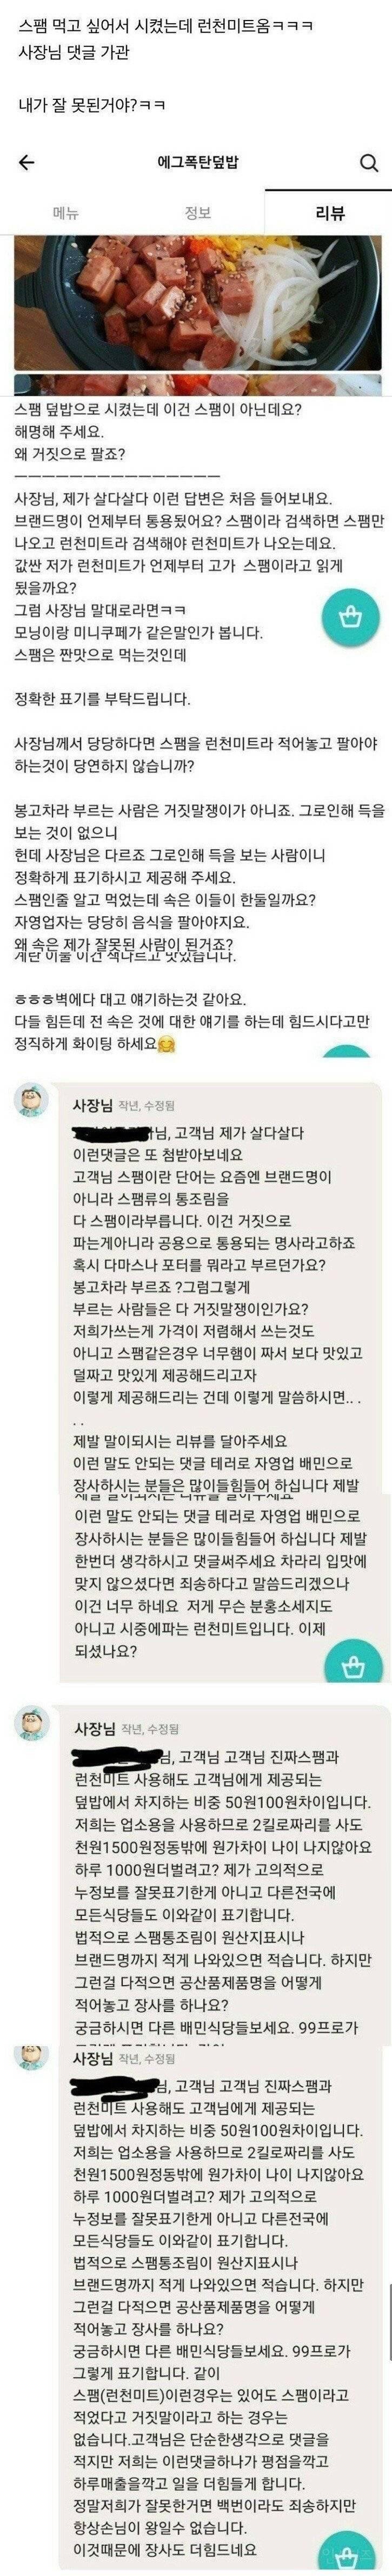 엄청 논란중인 배민 리뷰.jpg | 인스티즈